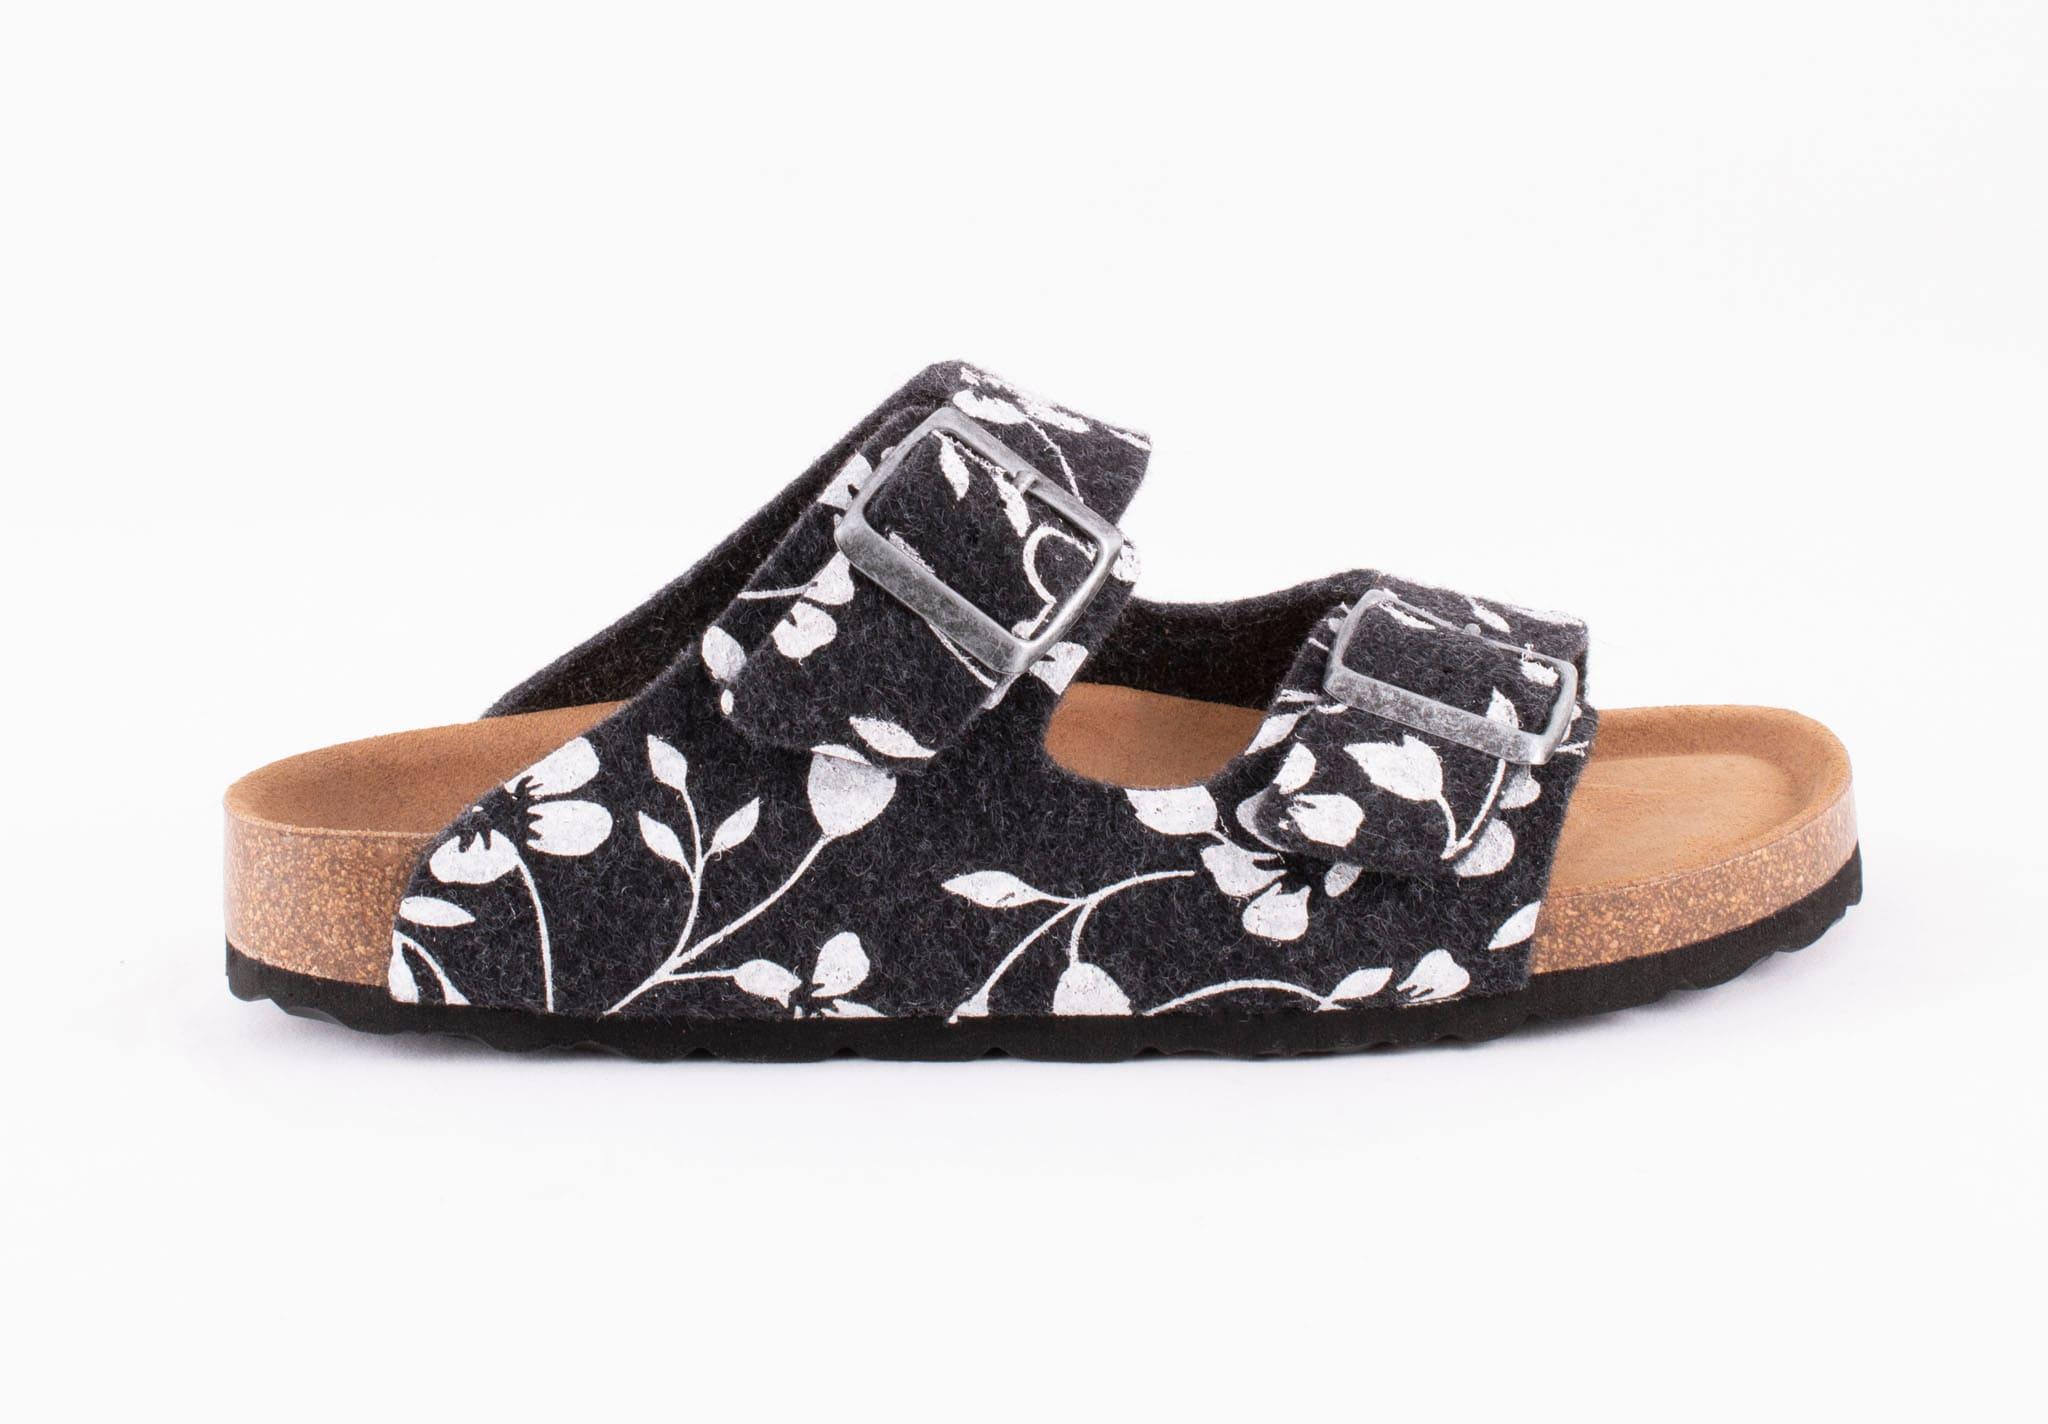 Mathilda sandals Black floral